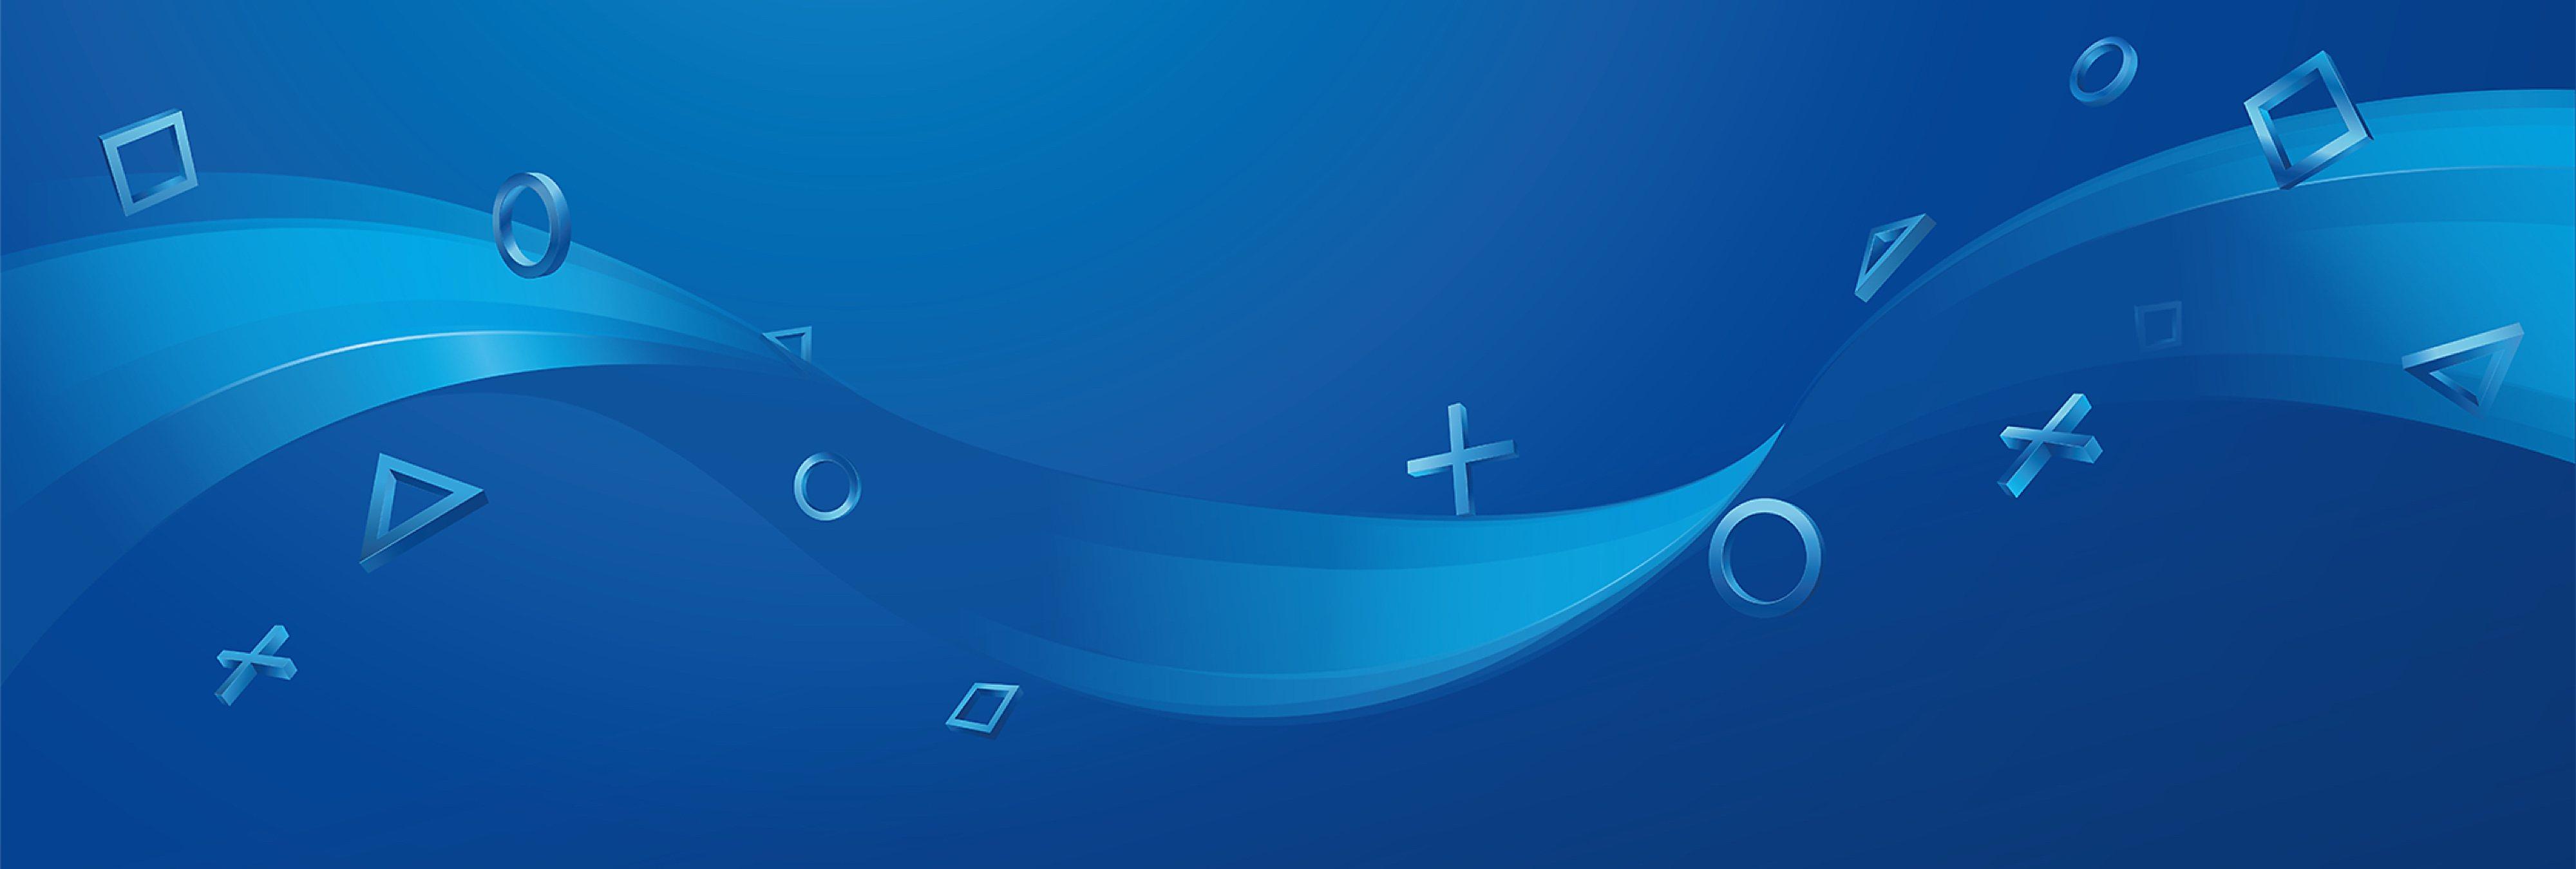 PlayStation 5: todos los detalles de la nueva consola de Sony